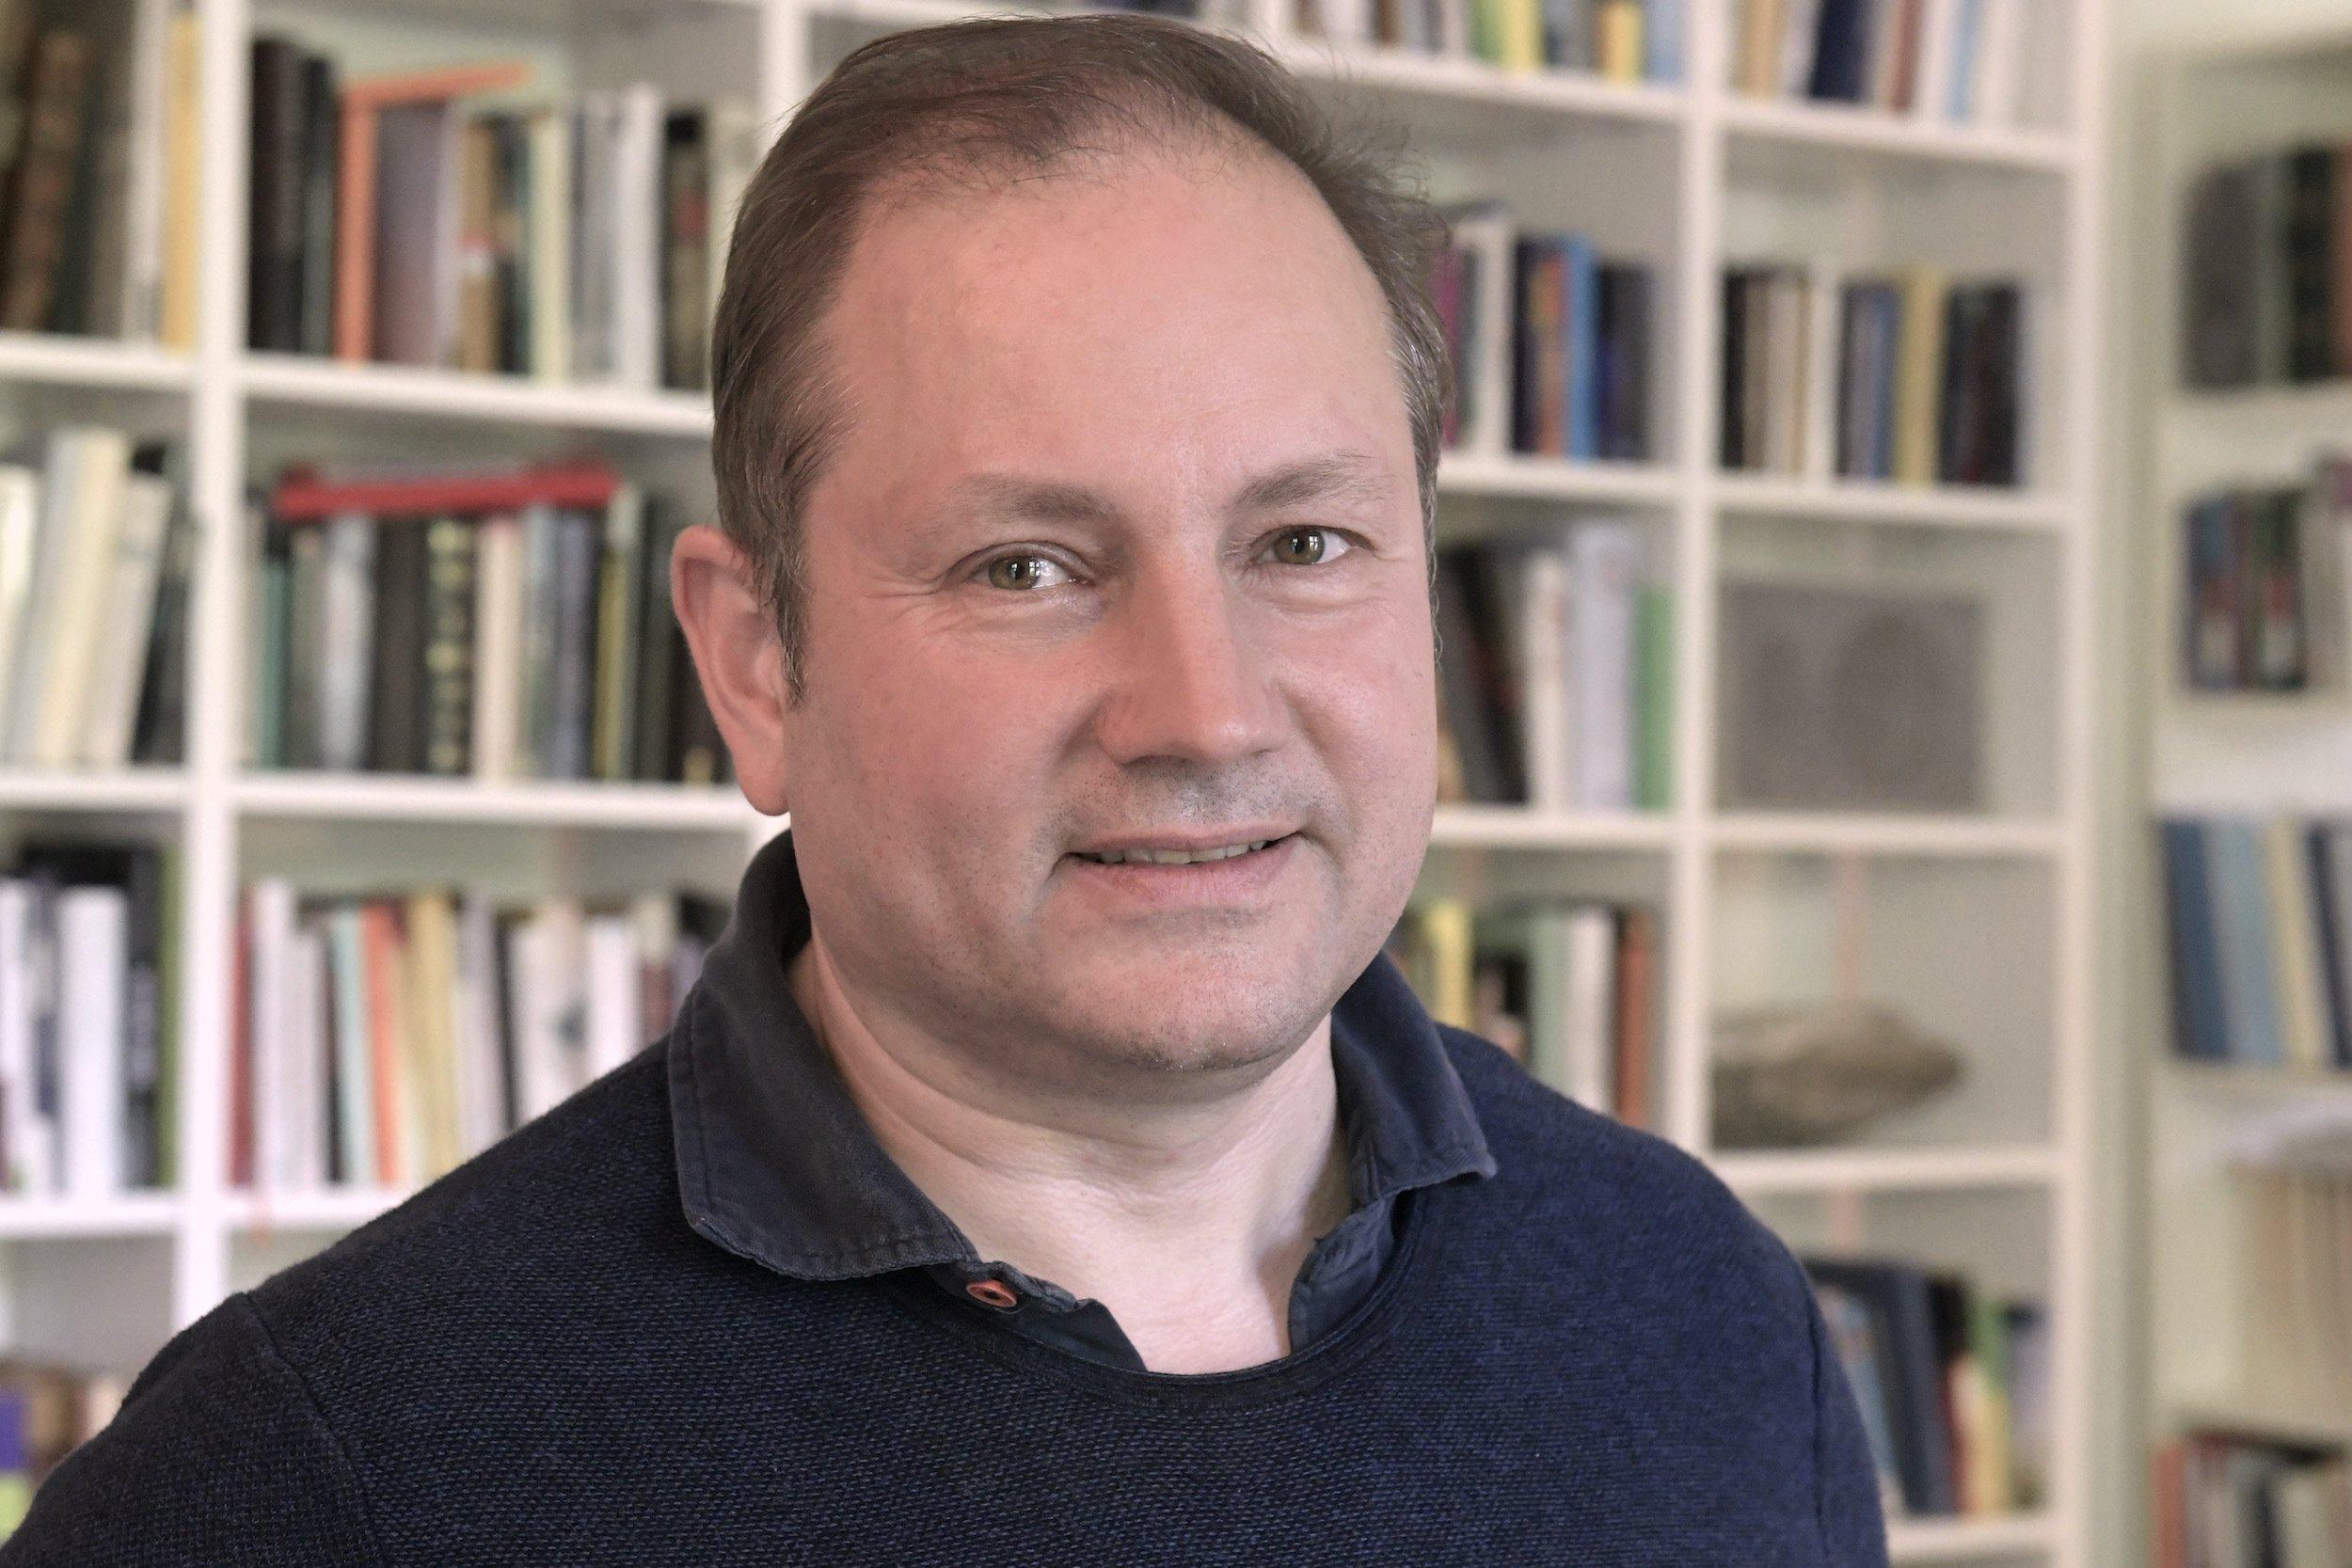 Der Journalist Christian Schwägerl vor einer Bücherwand.